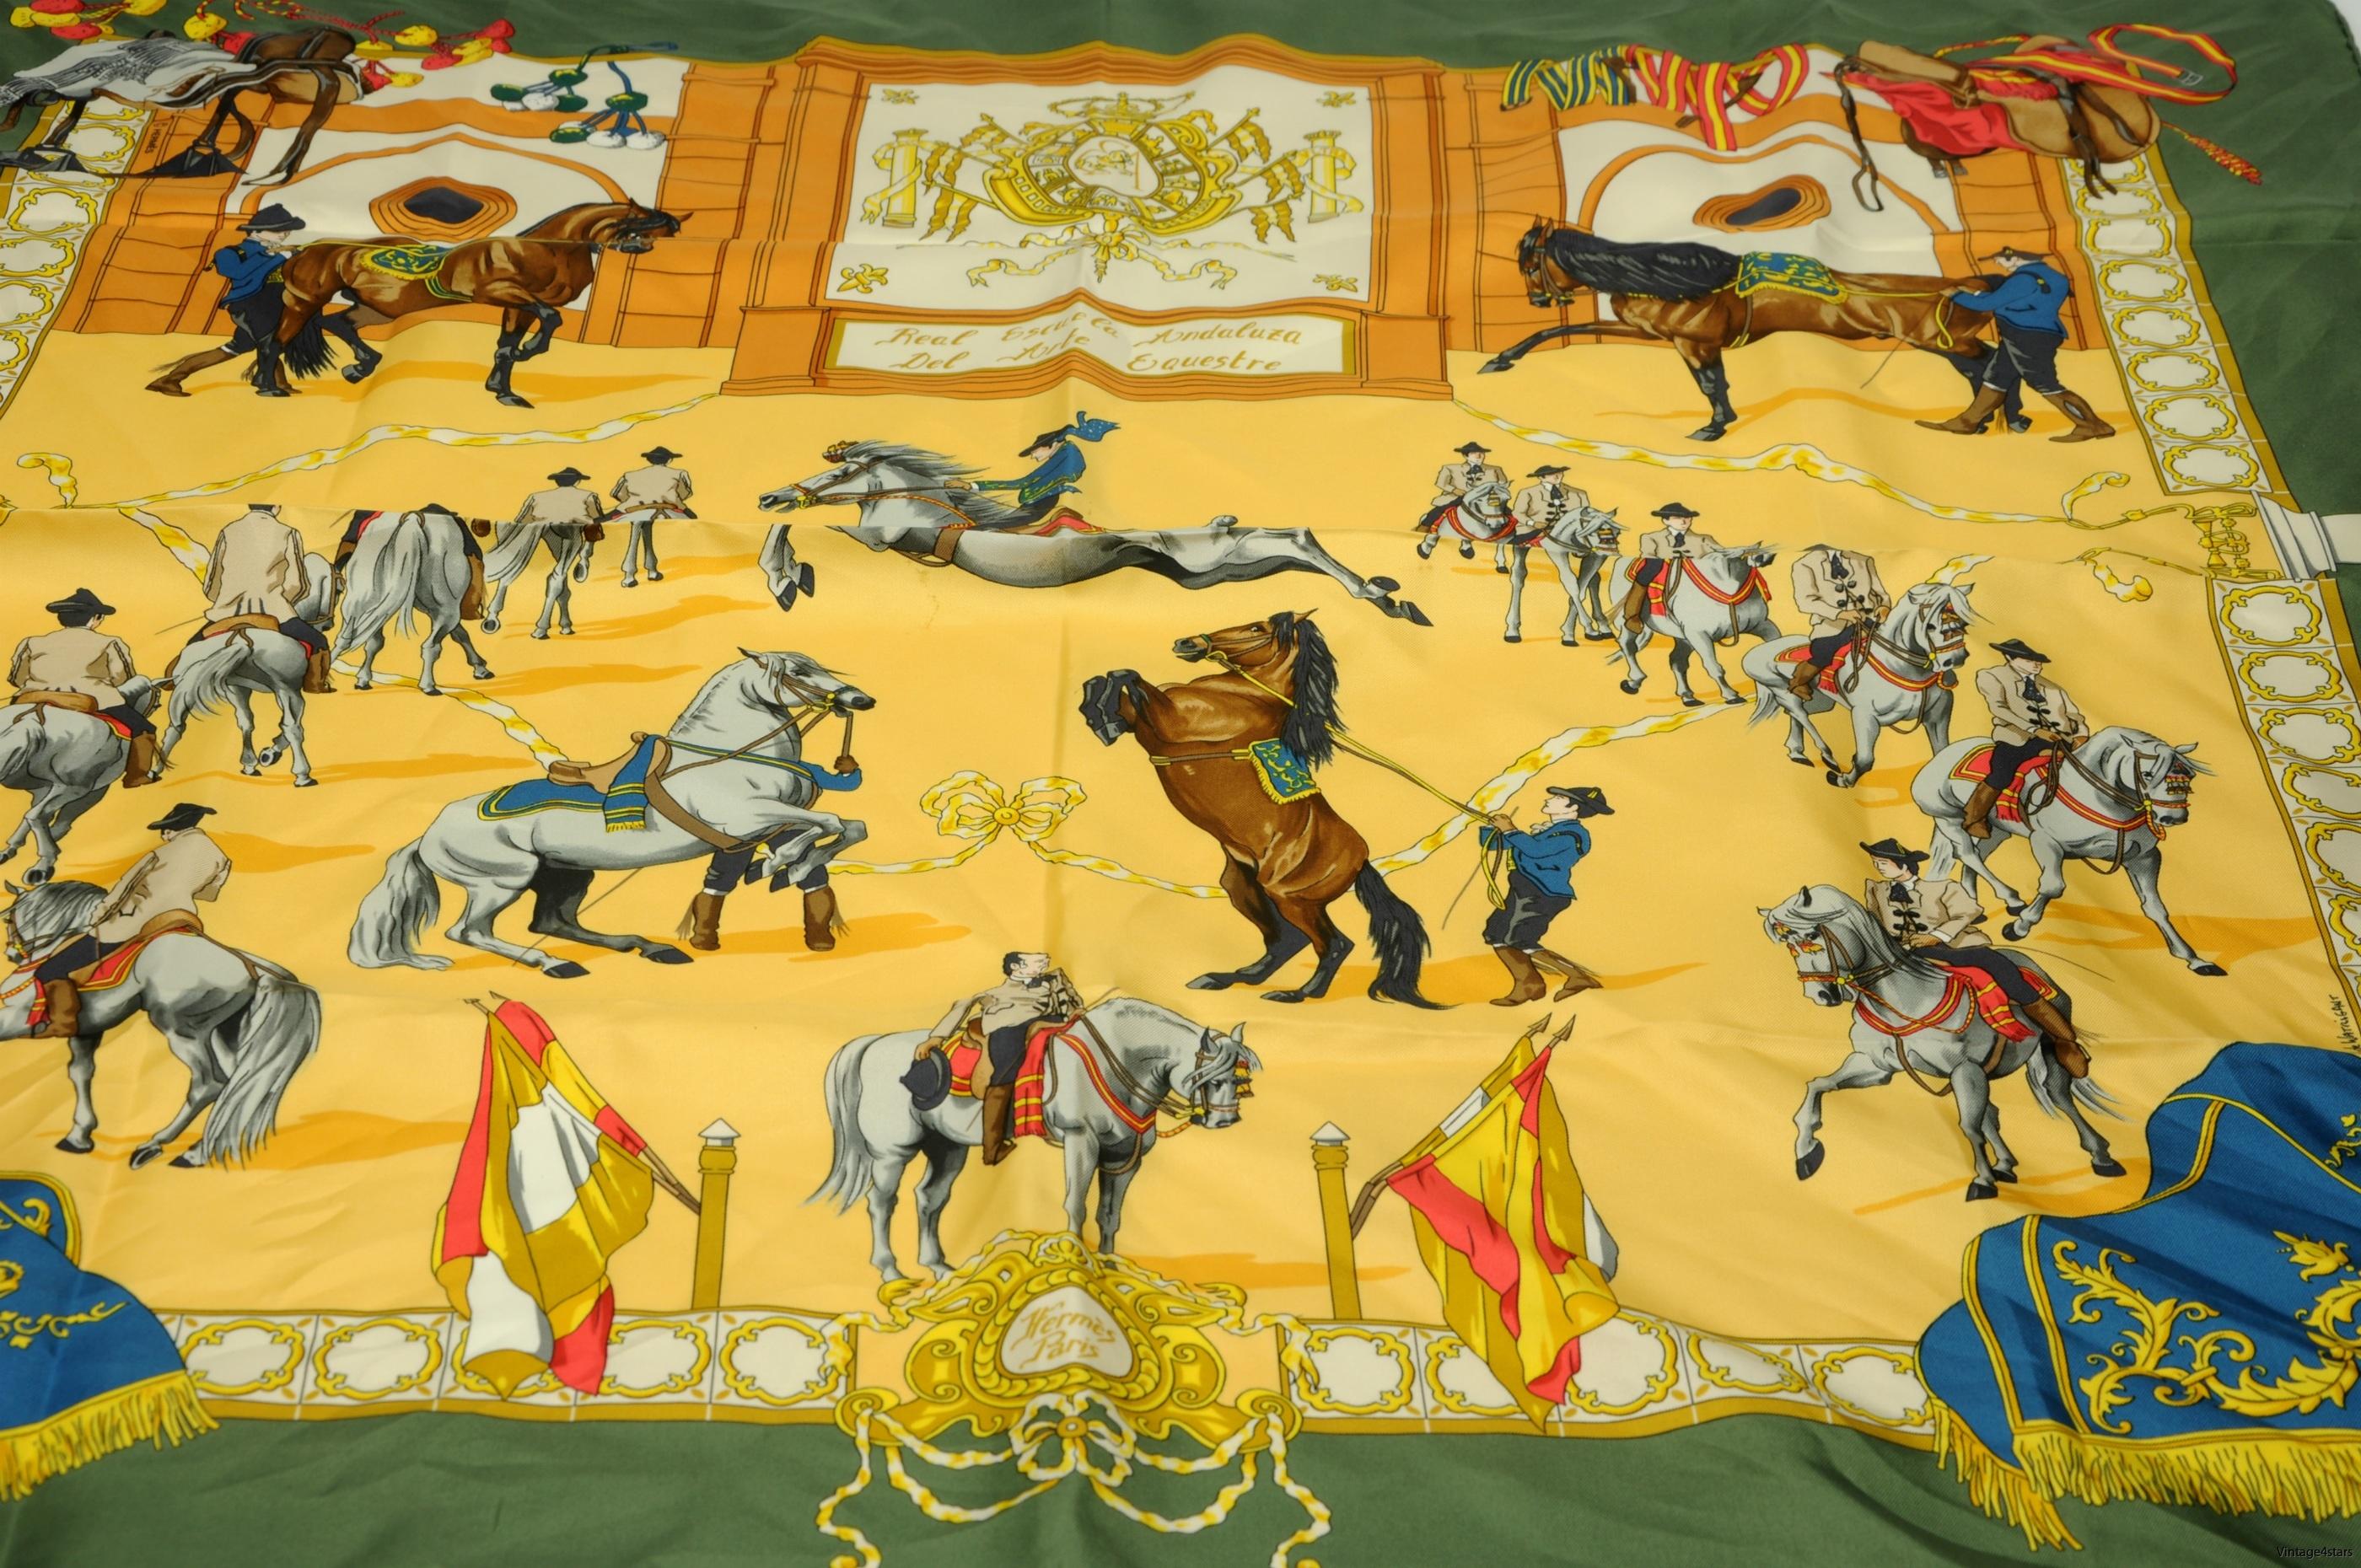 HERMES Real Escuela Andeluza Del arte Equestre